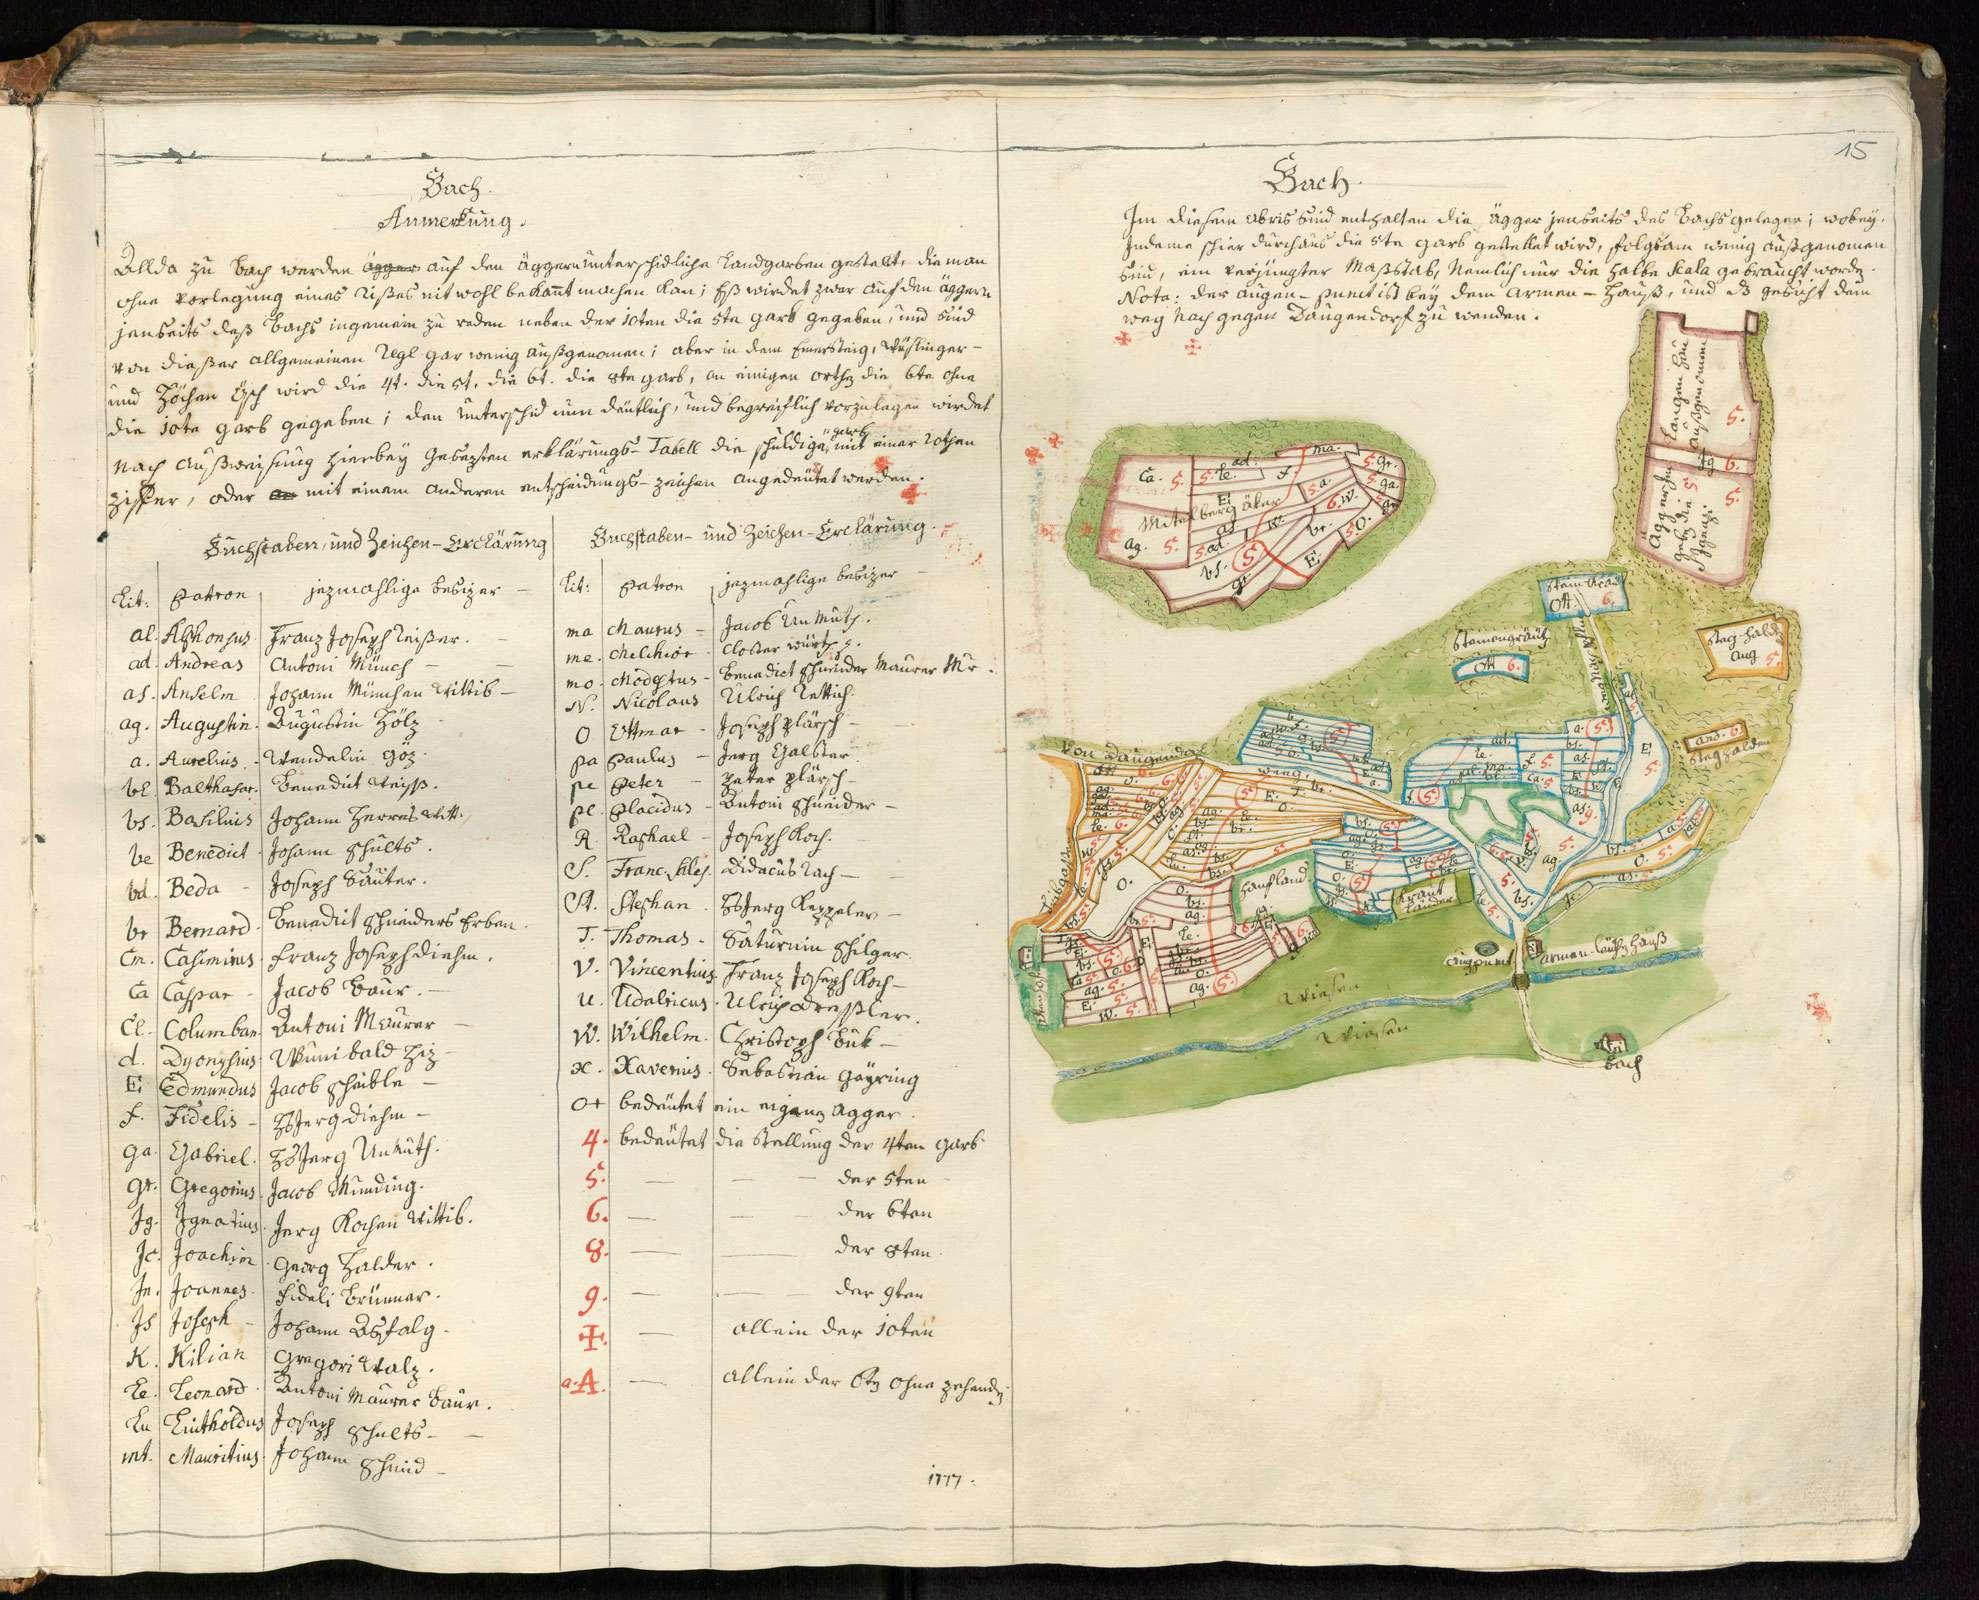 Zwiefalten, Orte des Klosterterritoriums, Baach (1), Bild 1